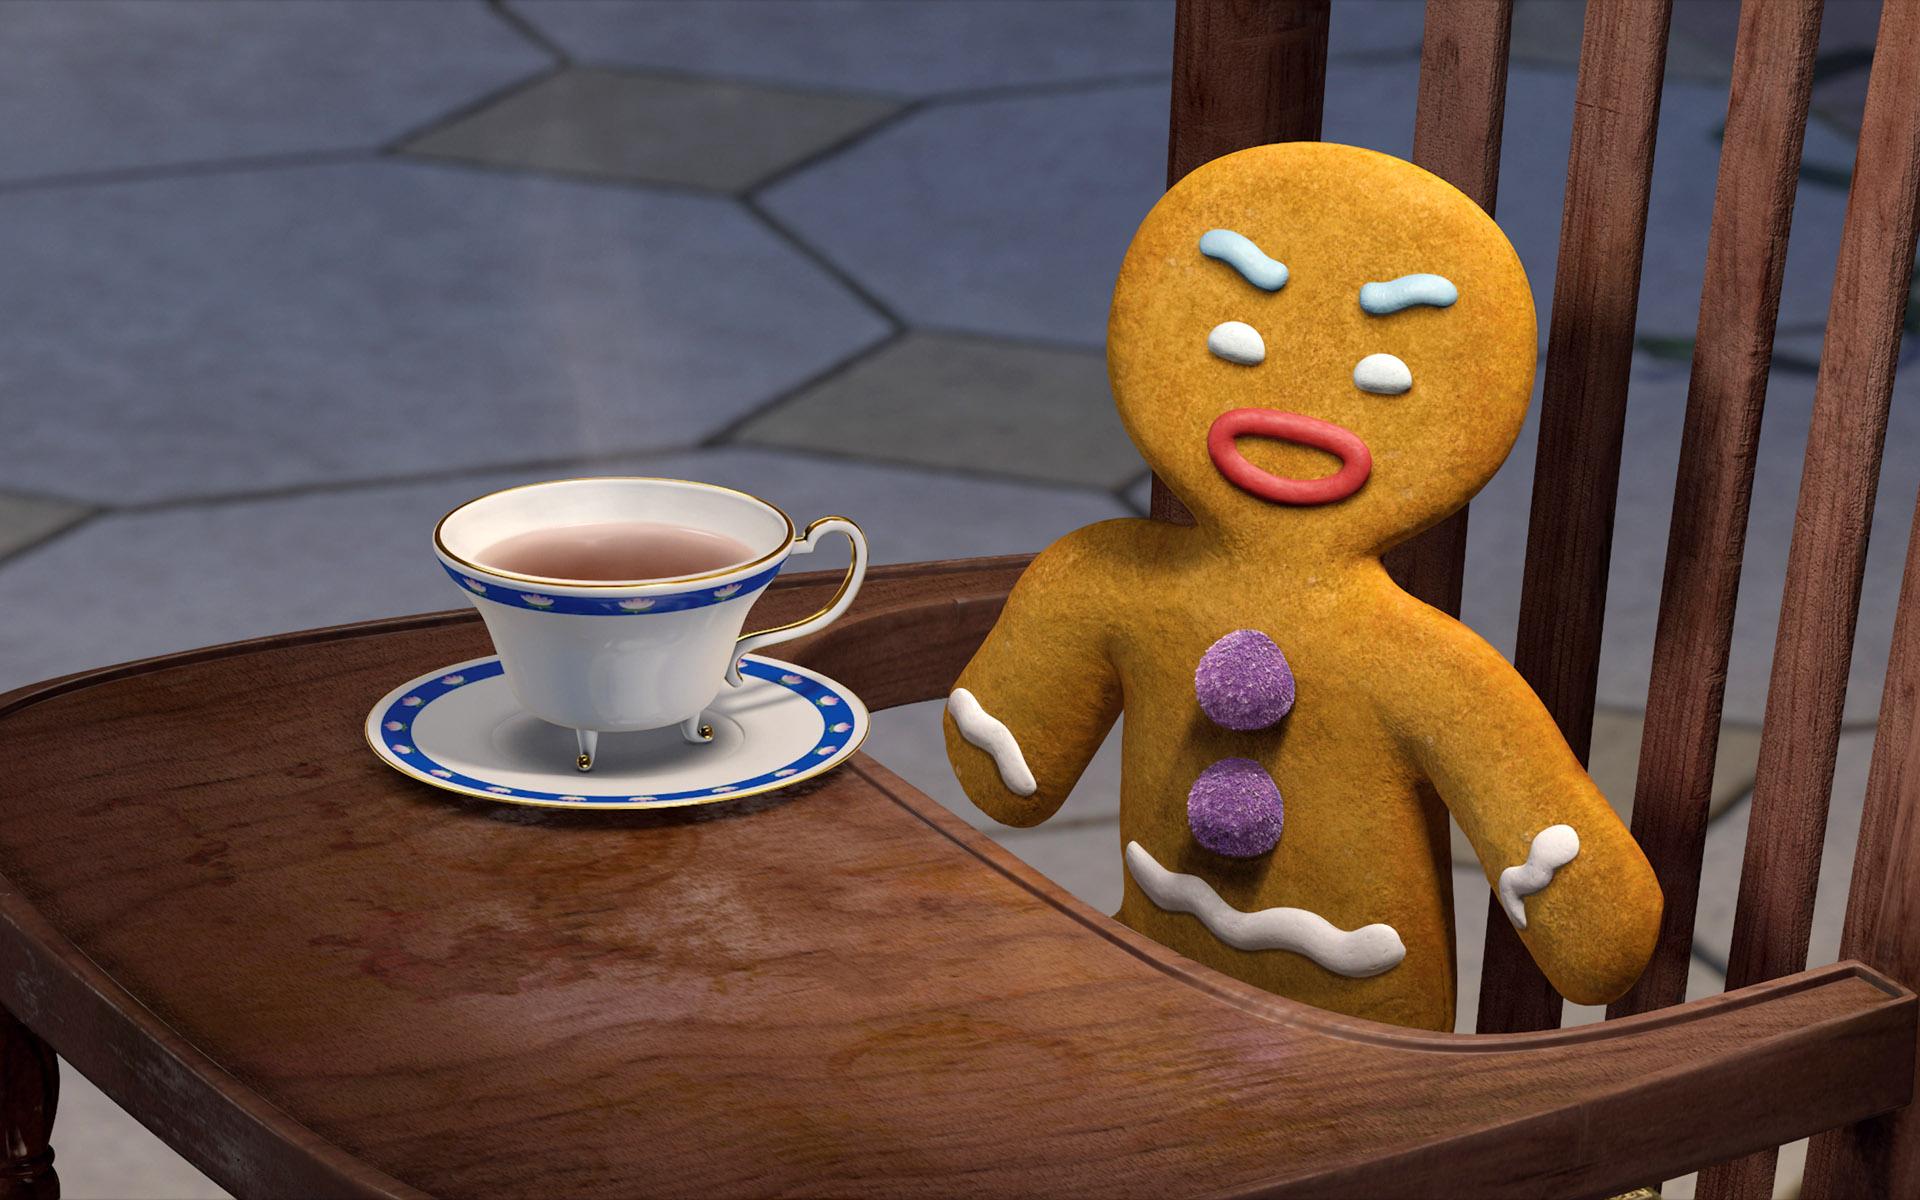 Печенья из шрека картинка